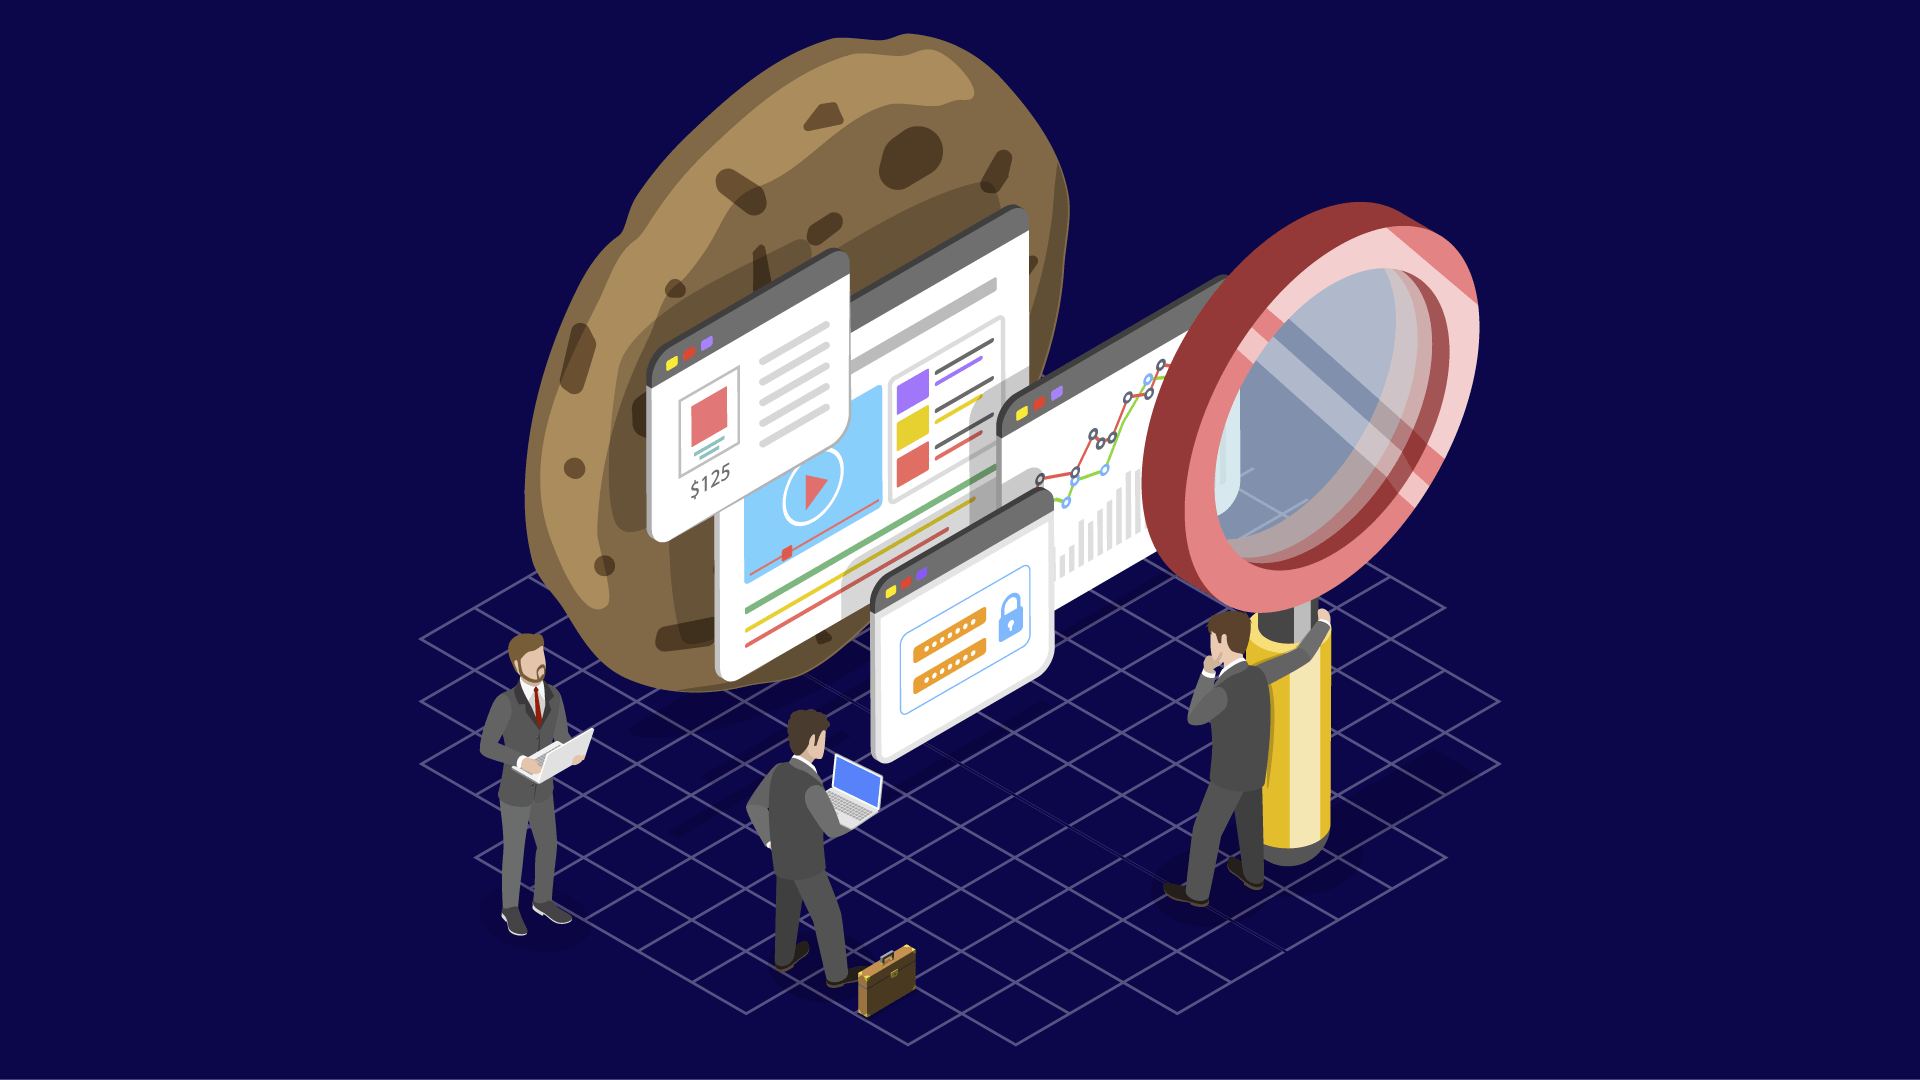 Browser, Datenschutz, Privatsphäre, Datenübertragung, DSGVO, Cookies, Cookie, Datenverarbeitung, Token, Cookie-Dialog, super-cookie, Keks, Flash-Cookies, GDPR, Trust Tokens, Cookie Banner, Cookie Auswahl, Cookie Verarbeitung, Lupe